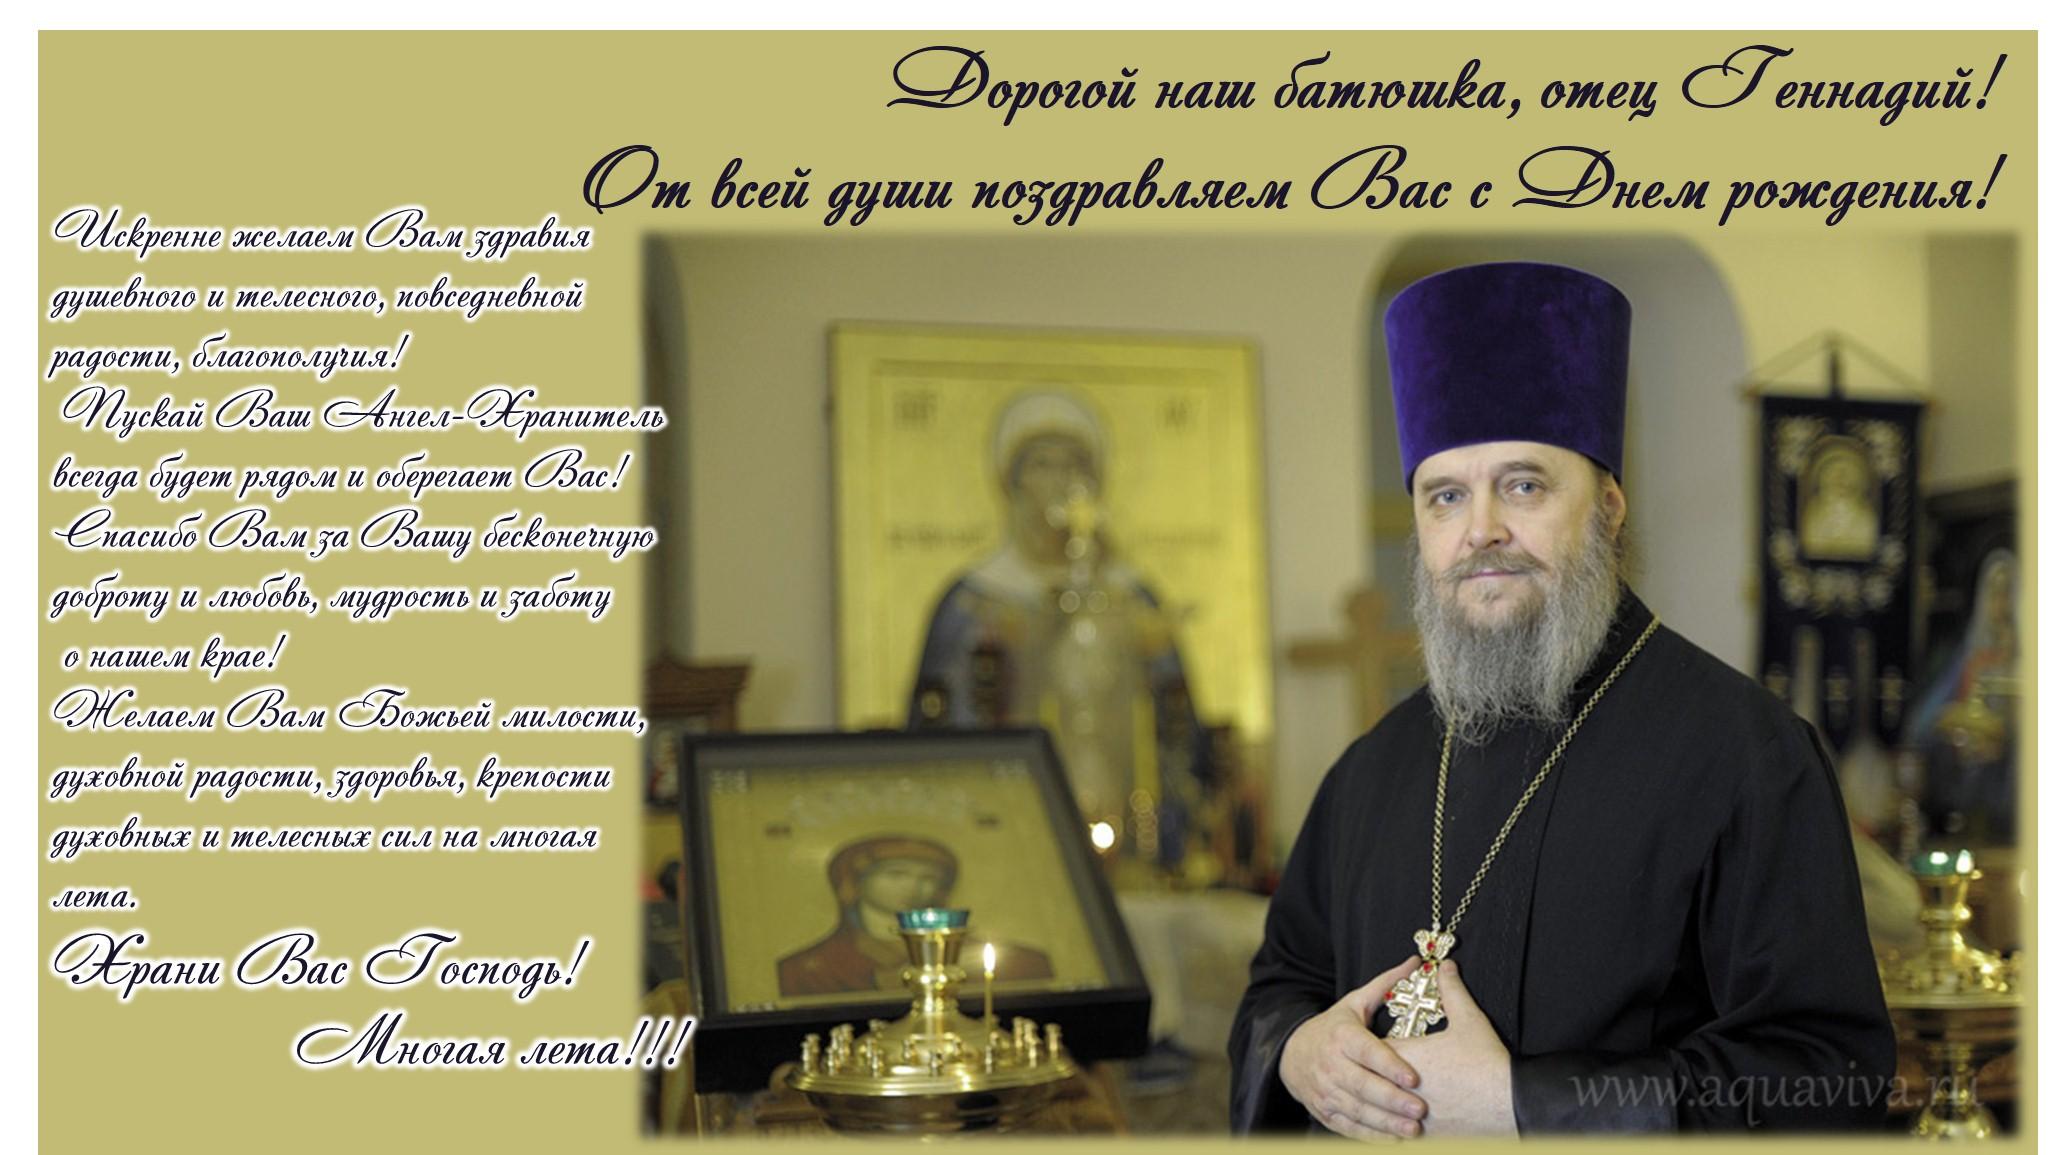 Поздравления с днем рождения пастора церкви картинки